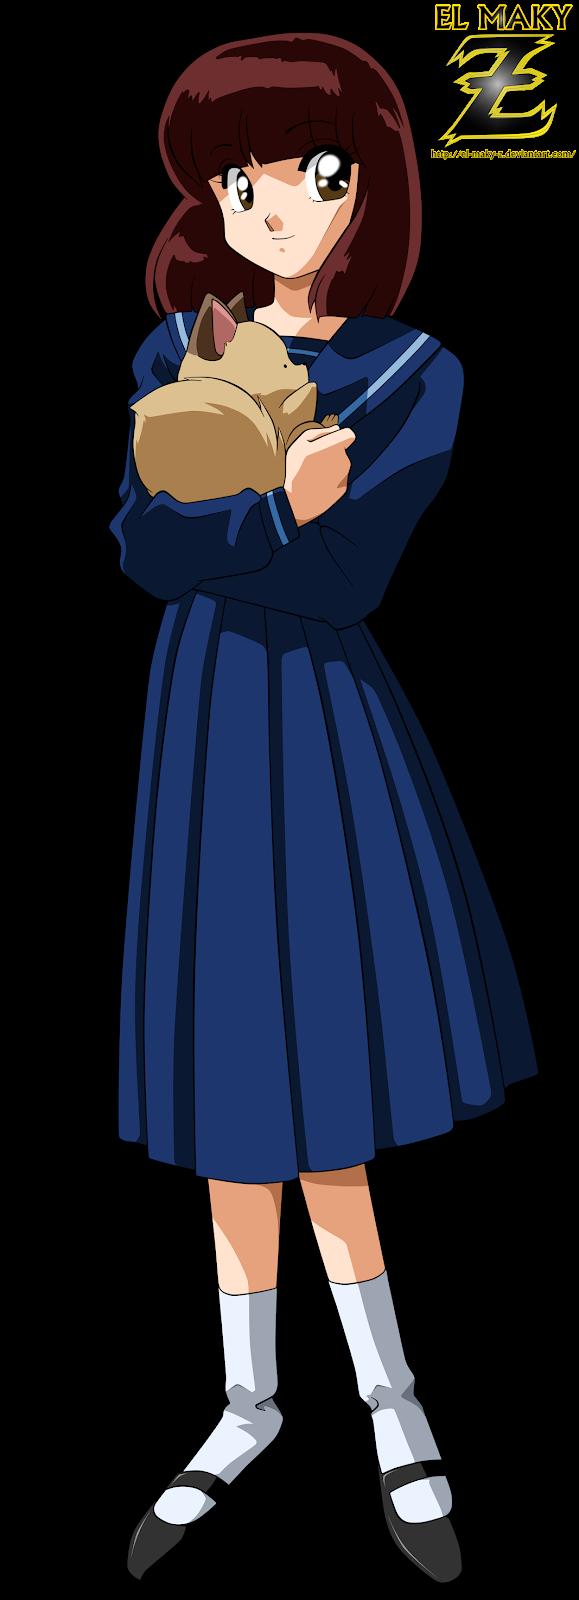 Shinobu miyake